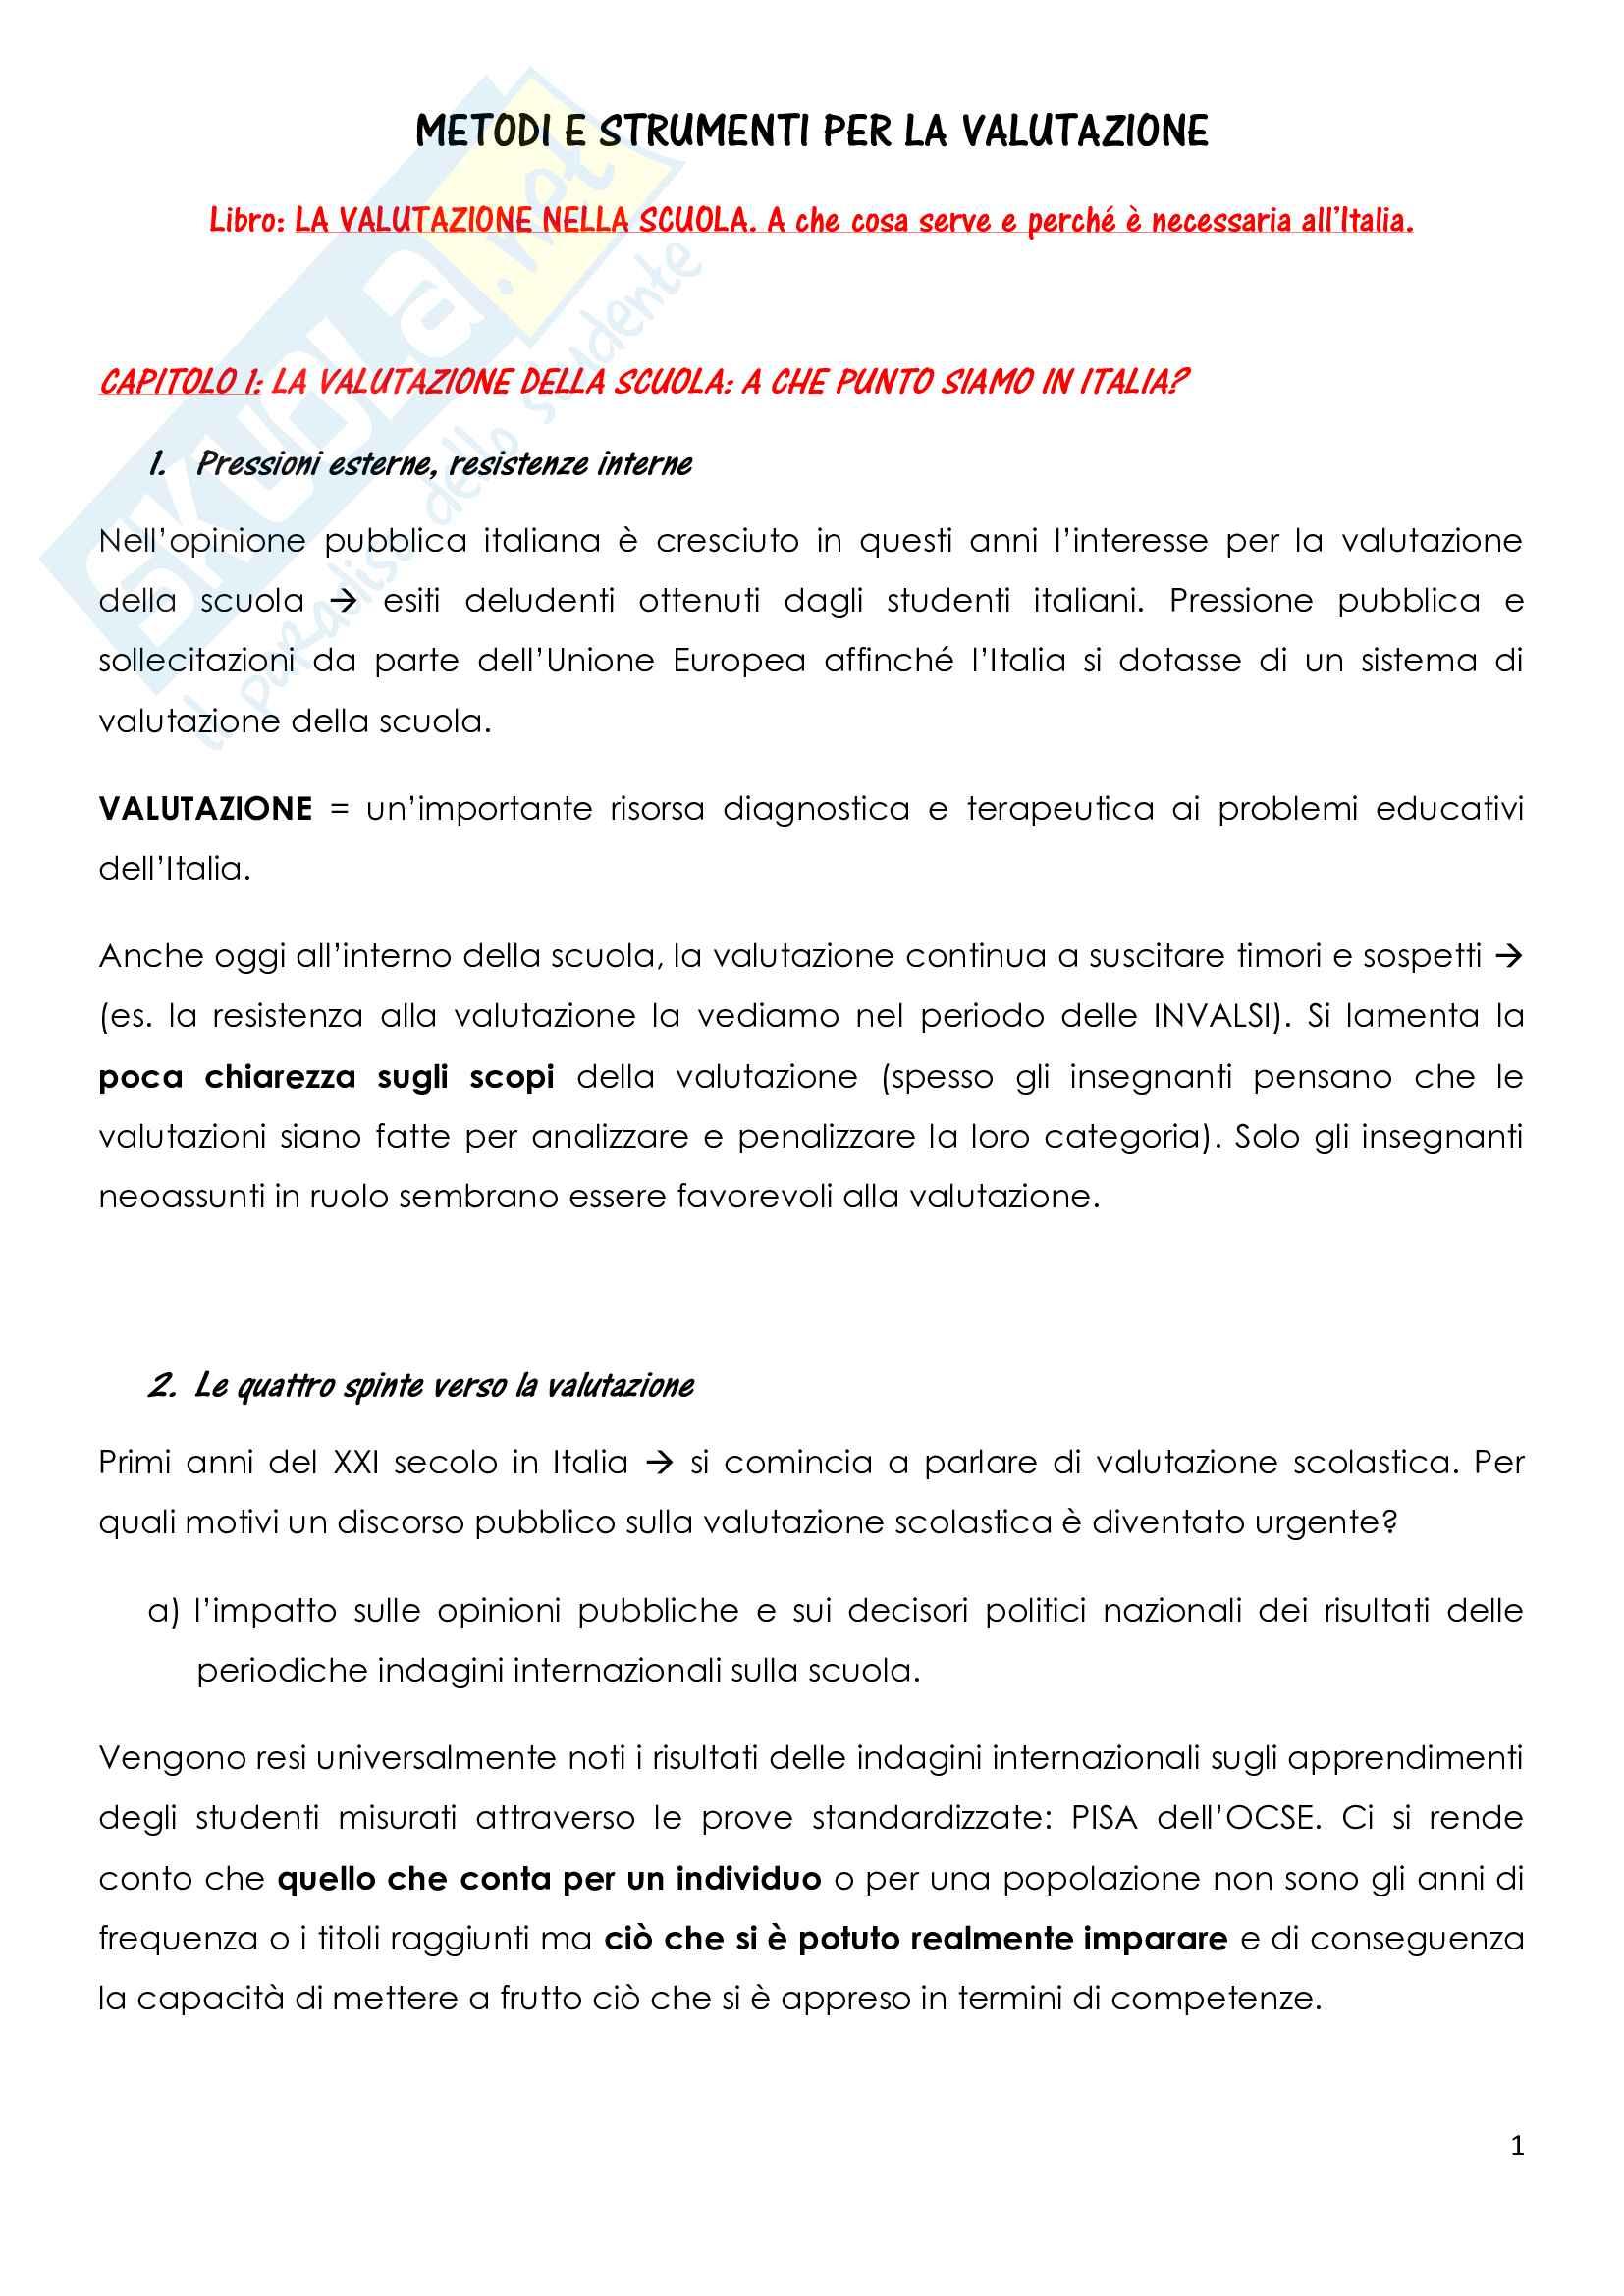 Riassunto esame Metodi di valutazione, prof. Goisis, libro consigliato La valutazione della scuola